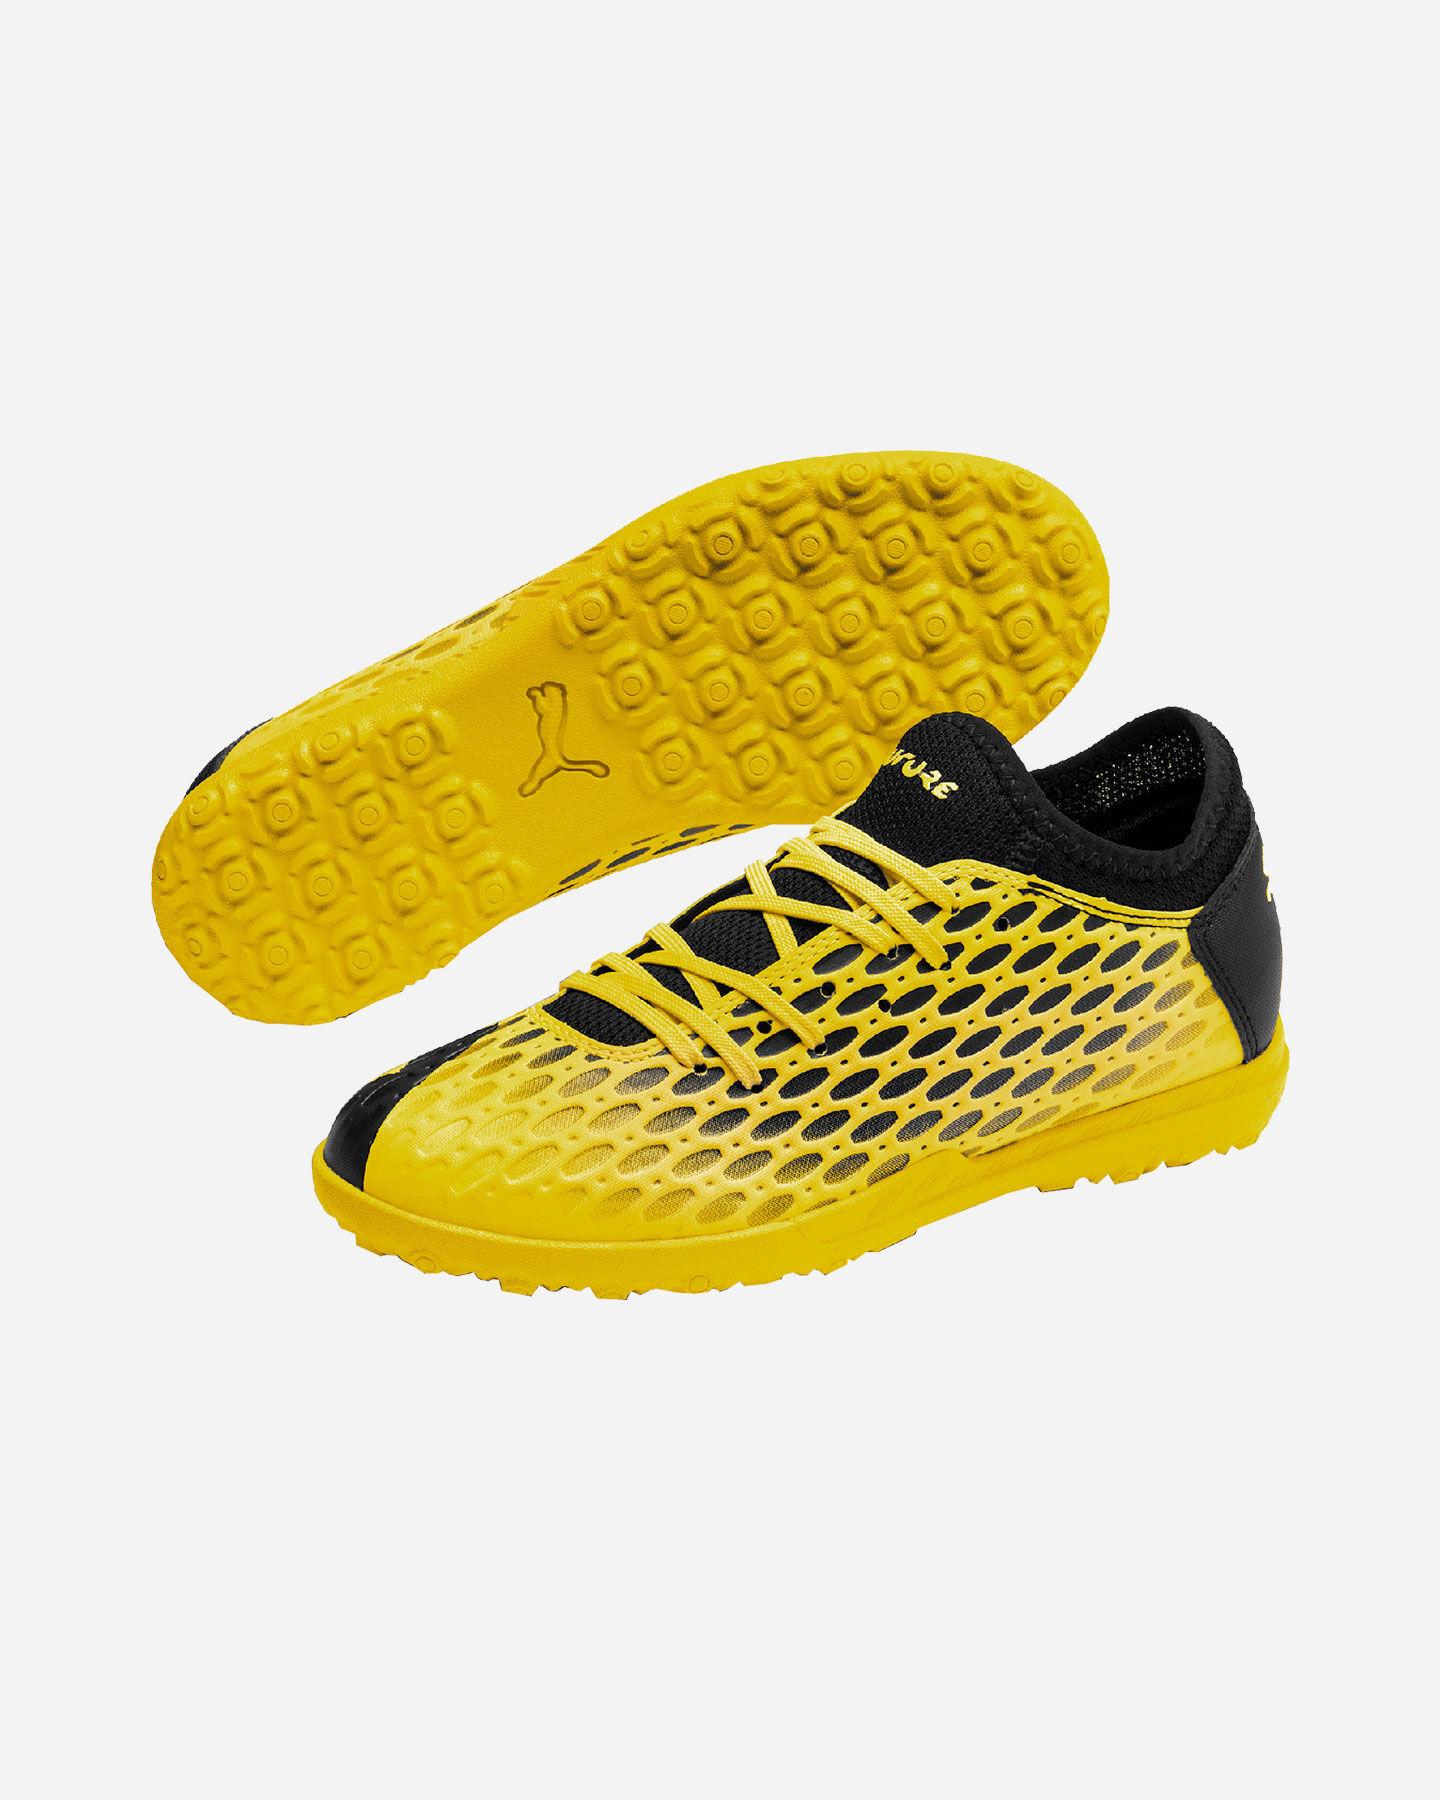 Scarpe calcio PUMA FUTURE 5.4 TT JR S5172877 scatto 1